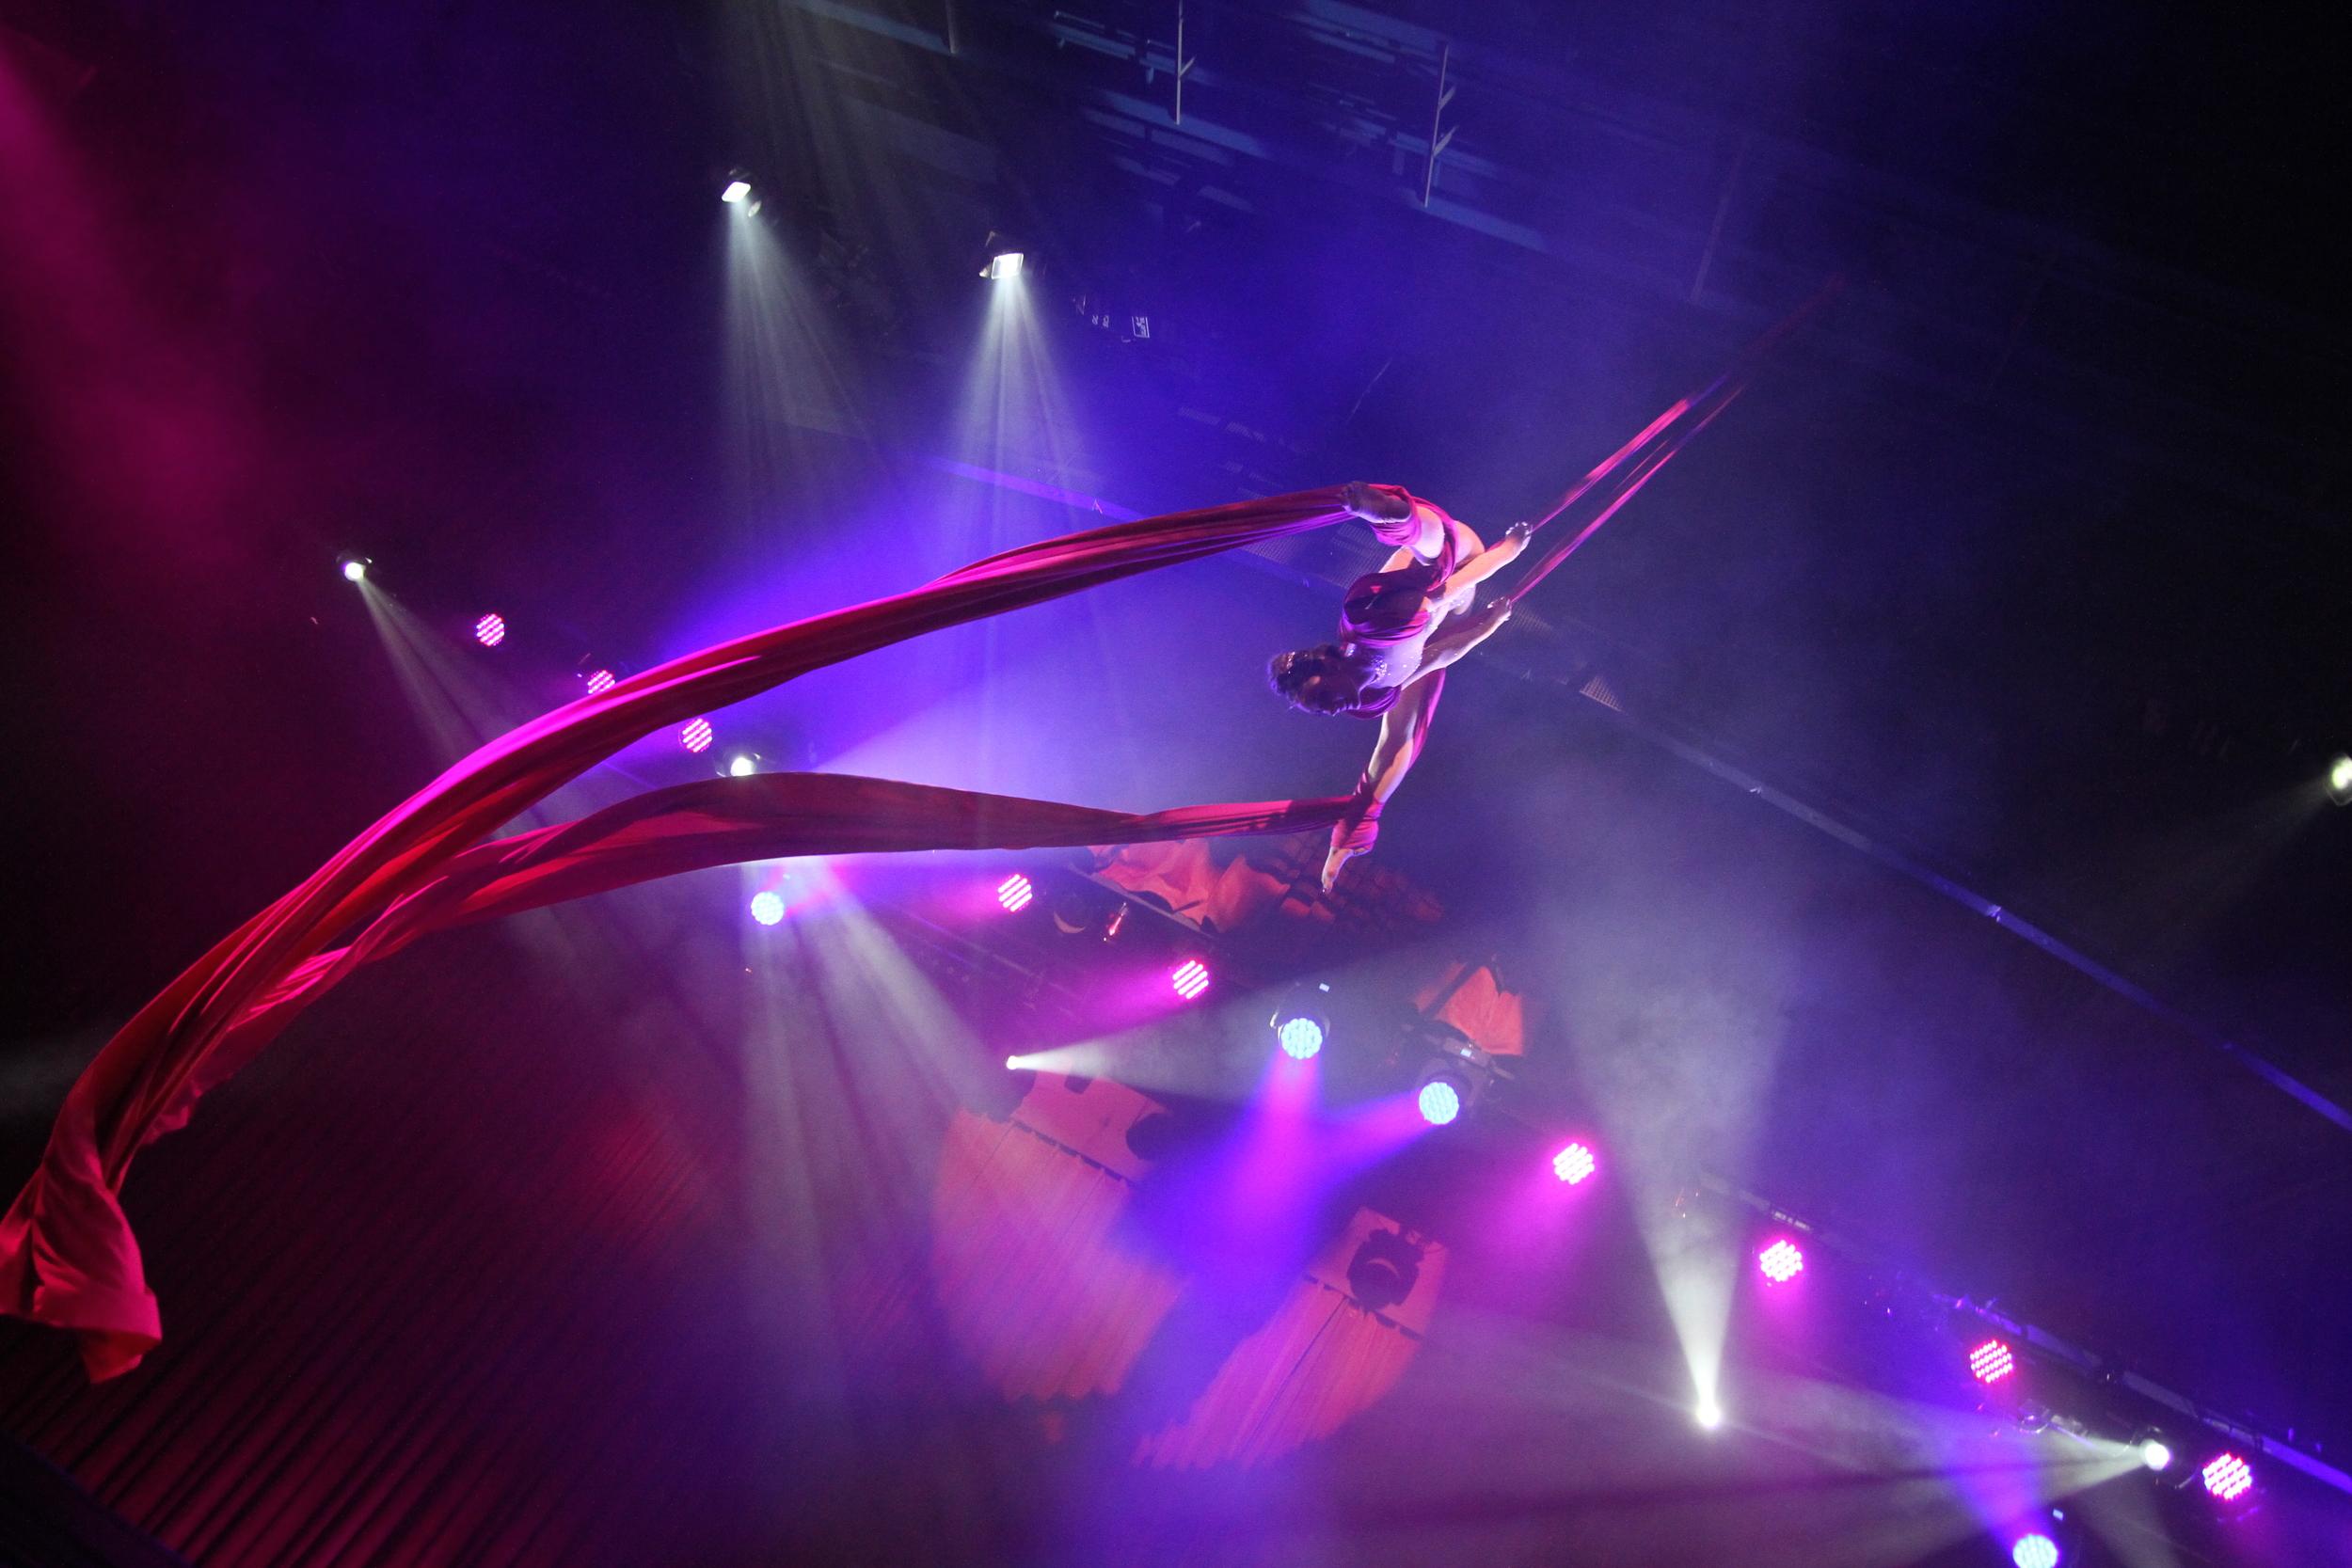 aerial silk vertikaltuch professional - aircandy.de - luftartistik berlin